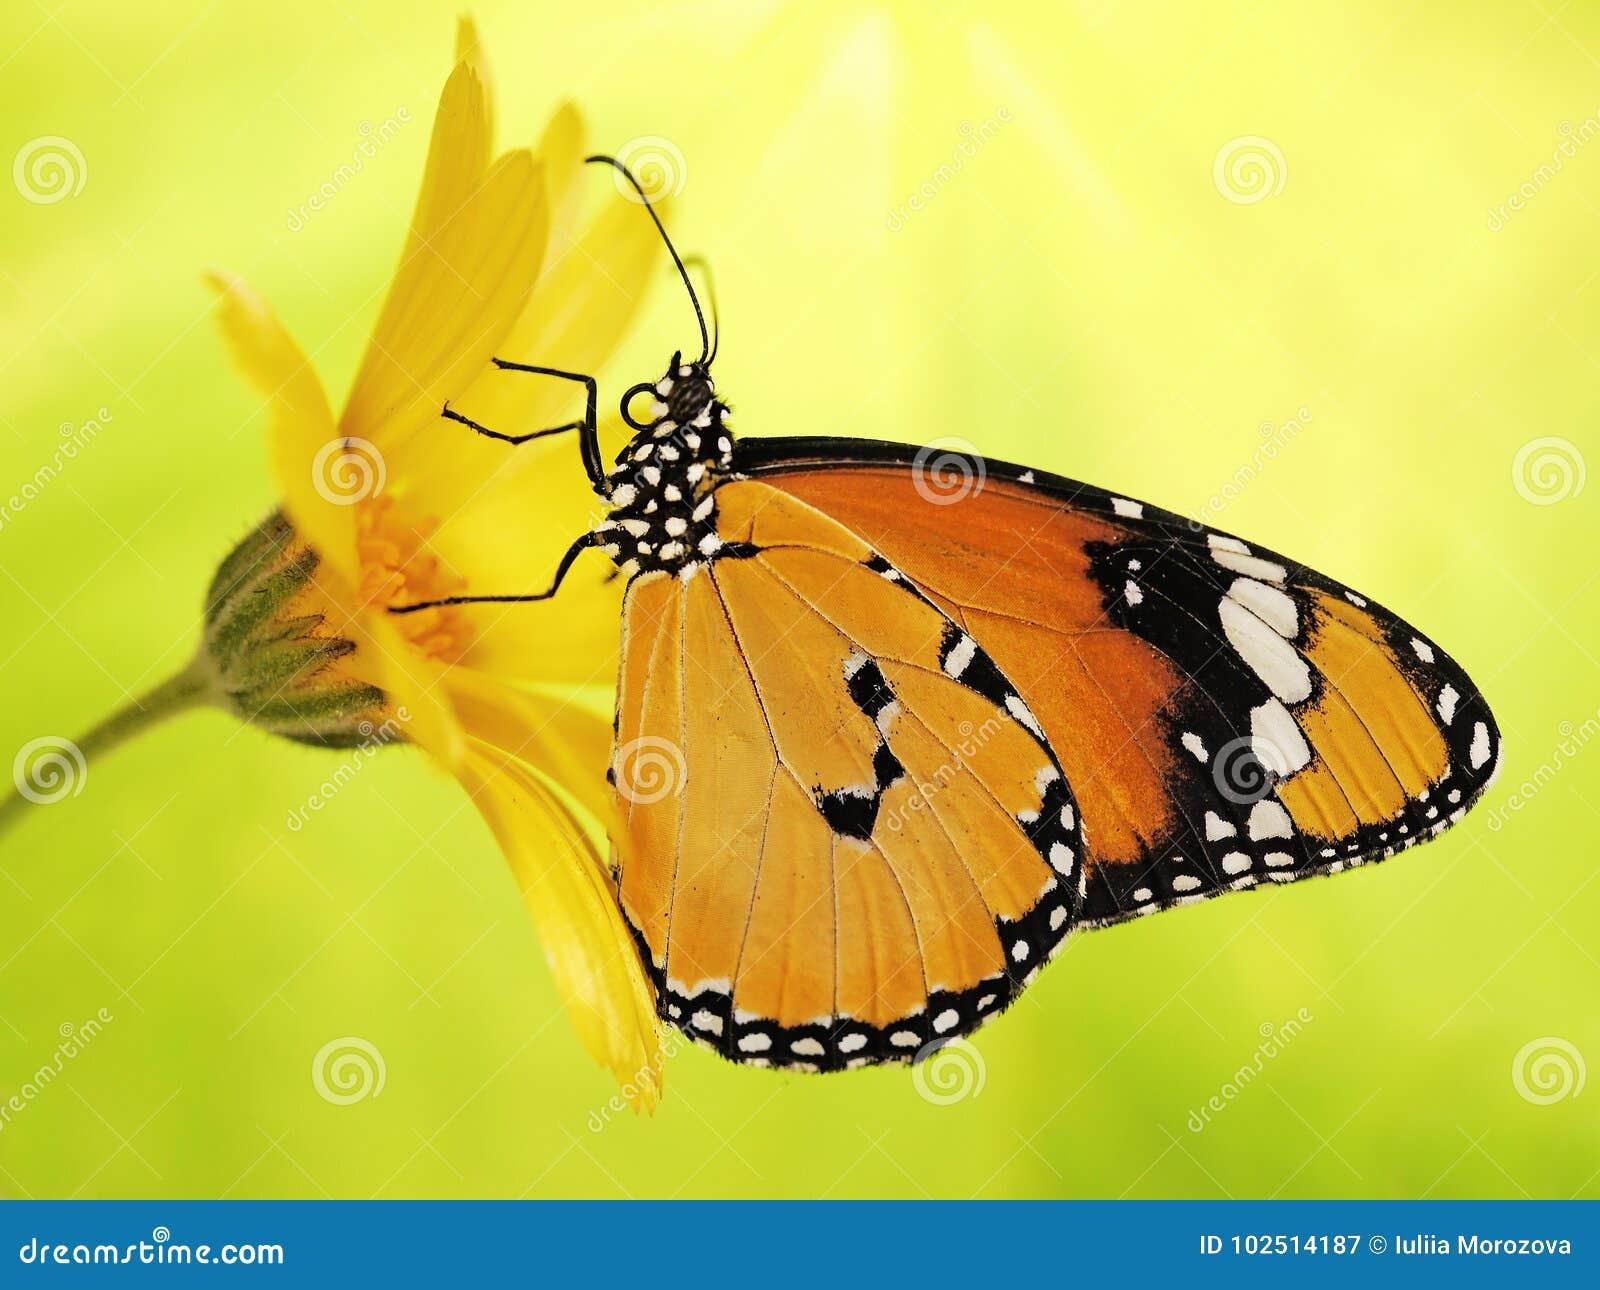 A borboleta do tigre, o chrysippus lisos alaranjados brilhantes do Danaus, em uma flor do cravo-de-defunto no amarelo e no verde